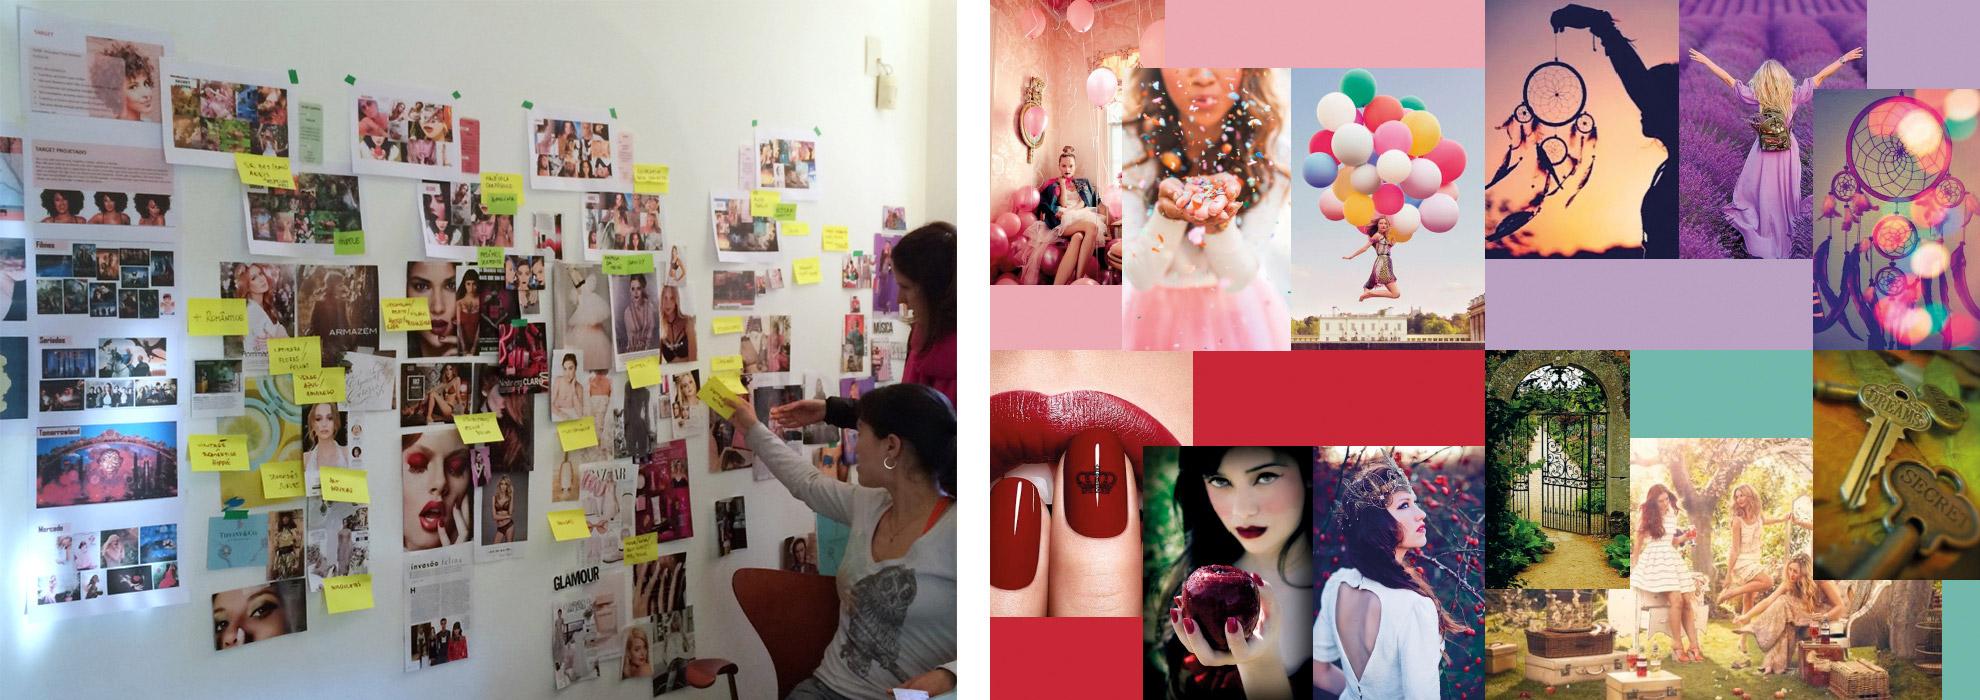 chelles-e-hayashi-design-portfolio-boticario-dream-body-splash-produto-marca-linguagem-embalagem-painel-semantico